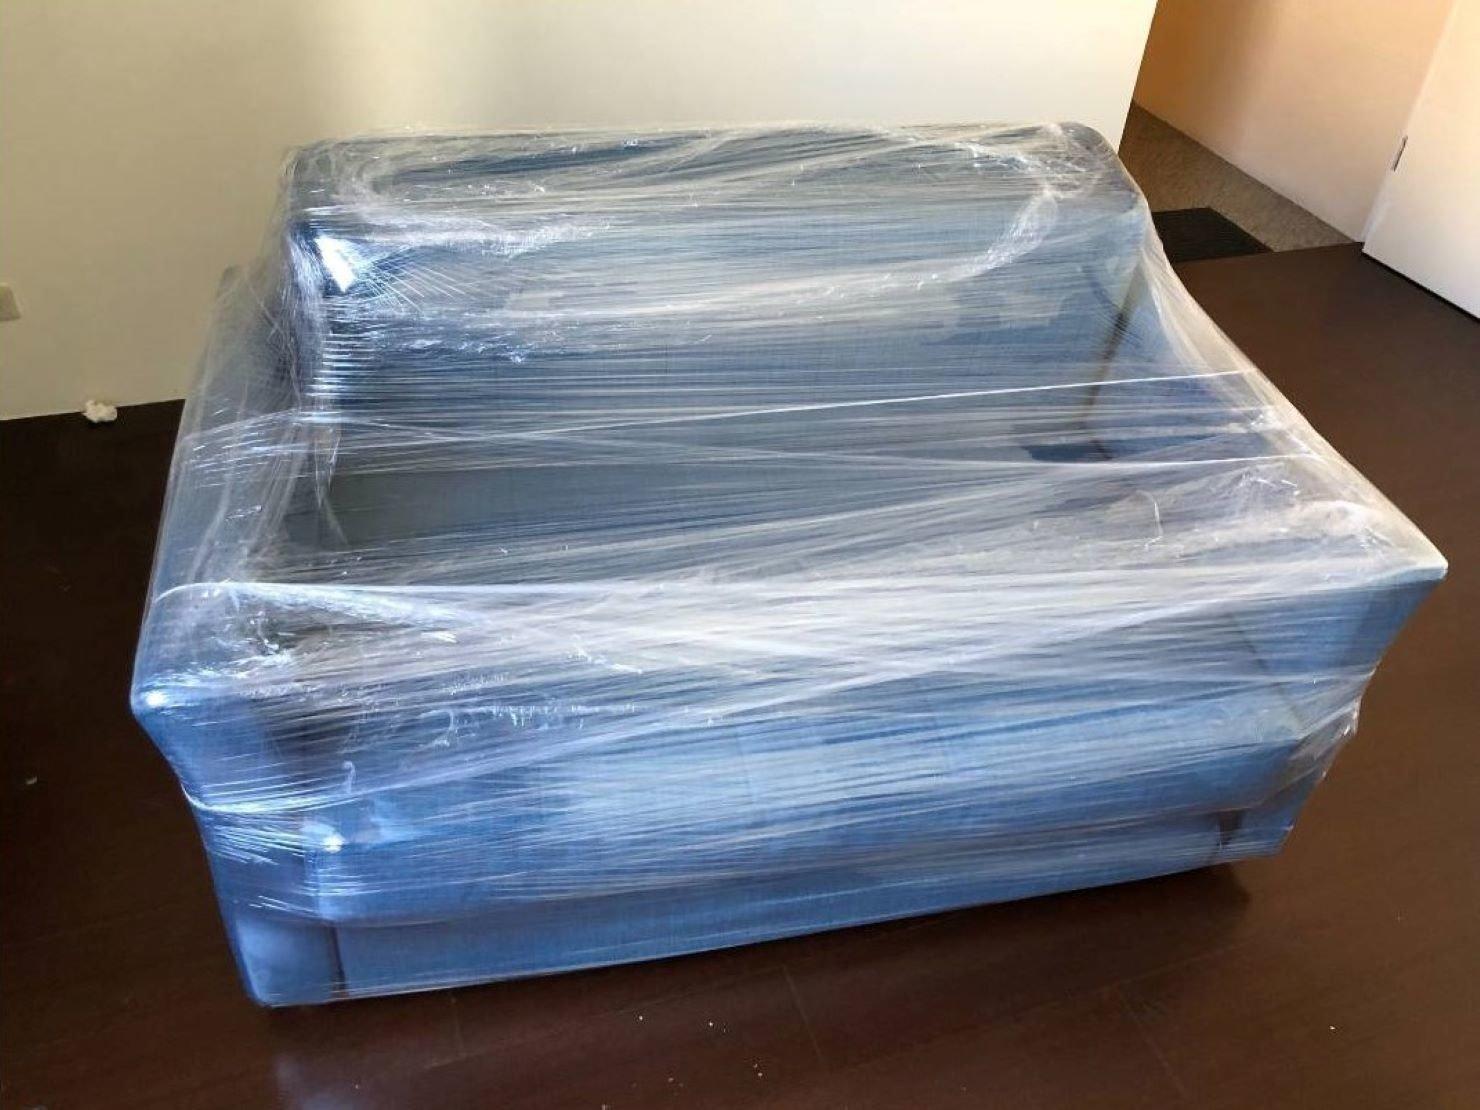 搬家公司【榮福搬家】精緻搬家、優質搬家服務,值得您的信賴與選擇:小沙發椅精緻包裝-以膠膜反覆綑繞、完整包覆,防刮防塵防水多種功效。